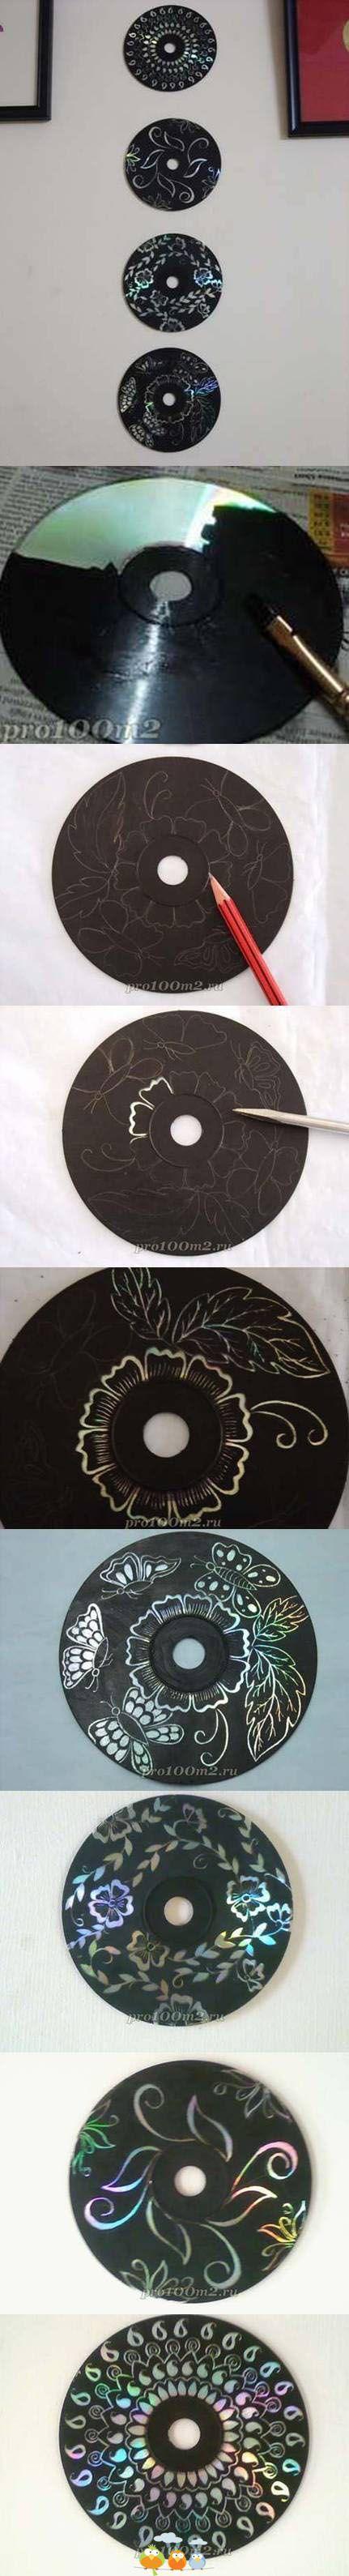 Kunst aus alten CDs